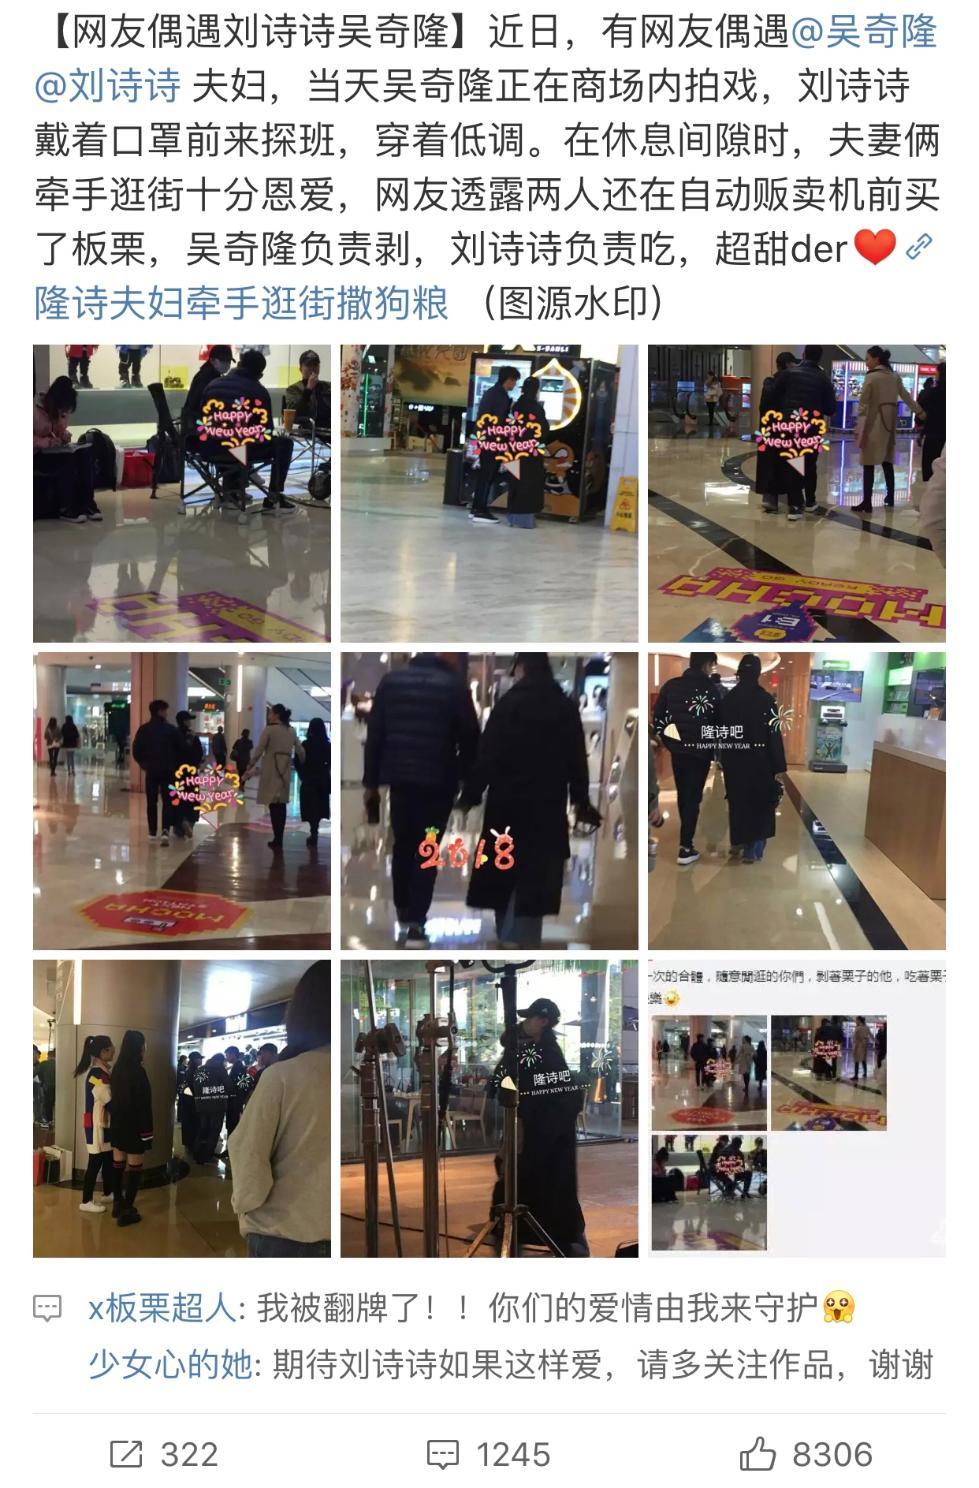 吴奇隆刘诗诗商场板栗机购物,同款火爆加盟招商中